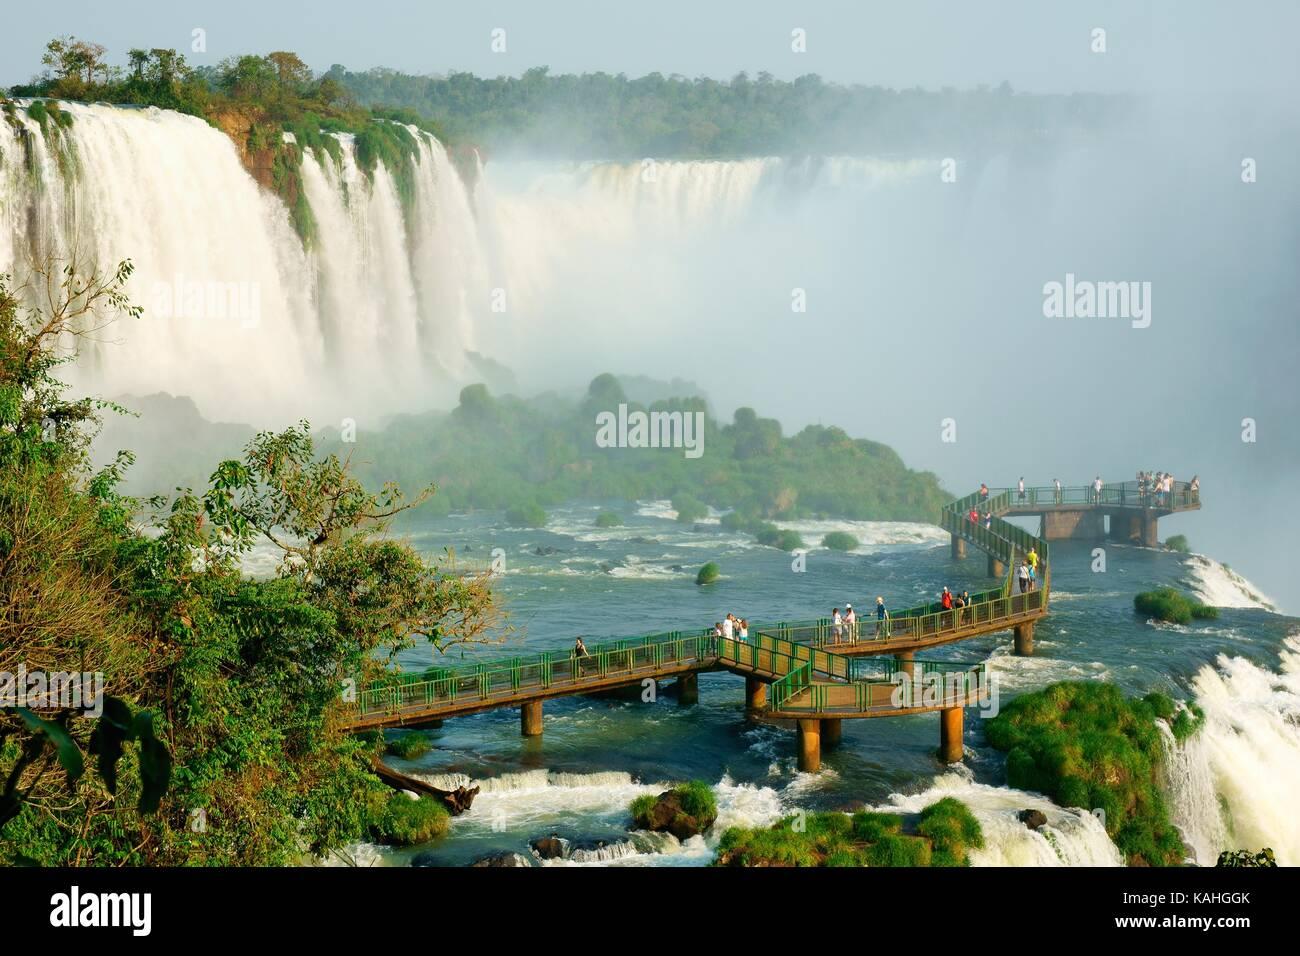 Touristes sur une plate-forme d'observation, chutes d'Iguazu, Foz do Iguaçu, Parc National d'Iguazú, Paraná, Brésil Banque D'Images